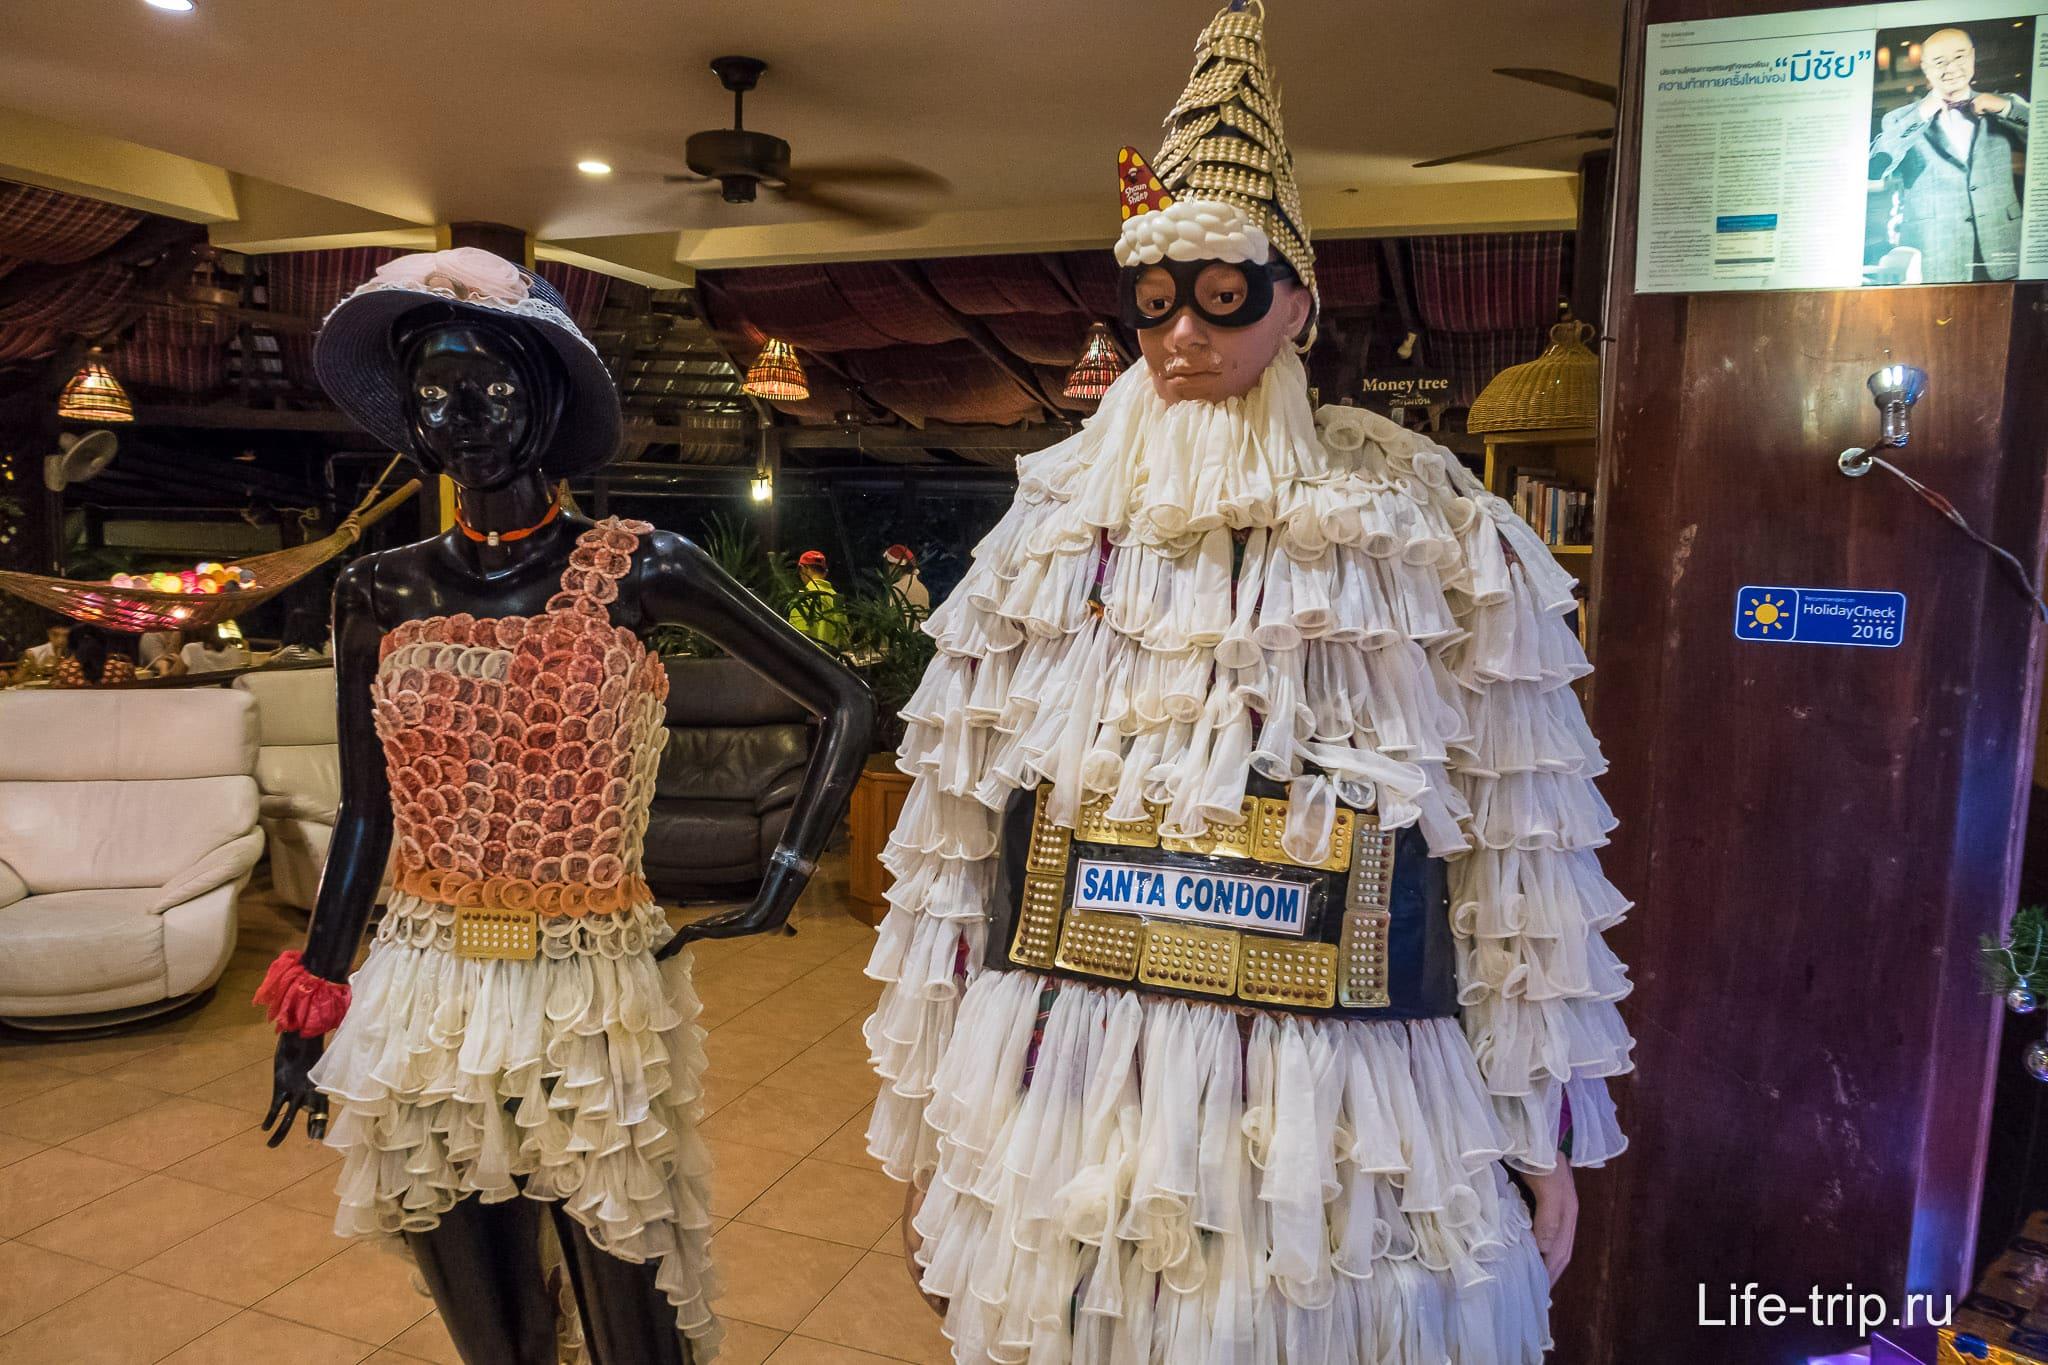 Манекены в фирменных костюмах прямо в ресторане